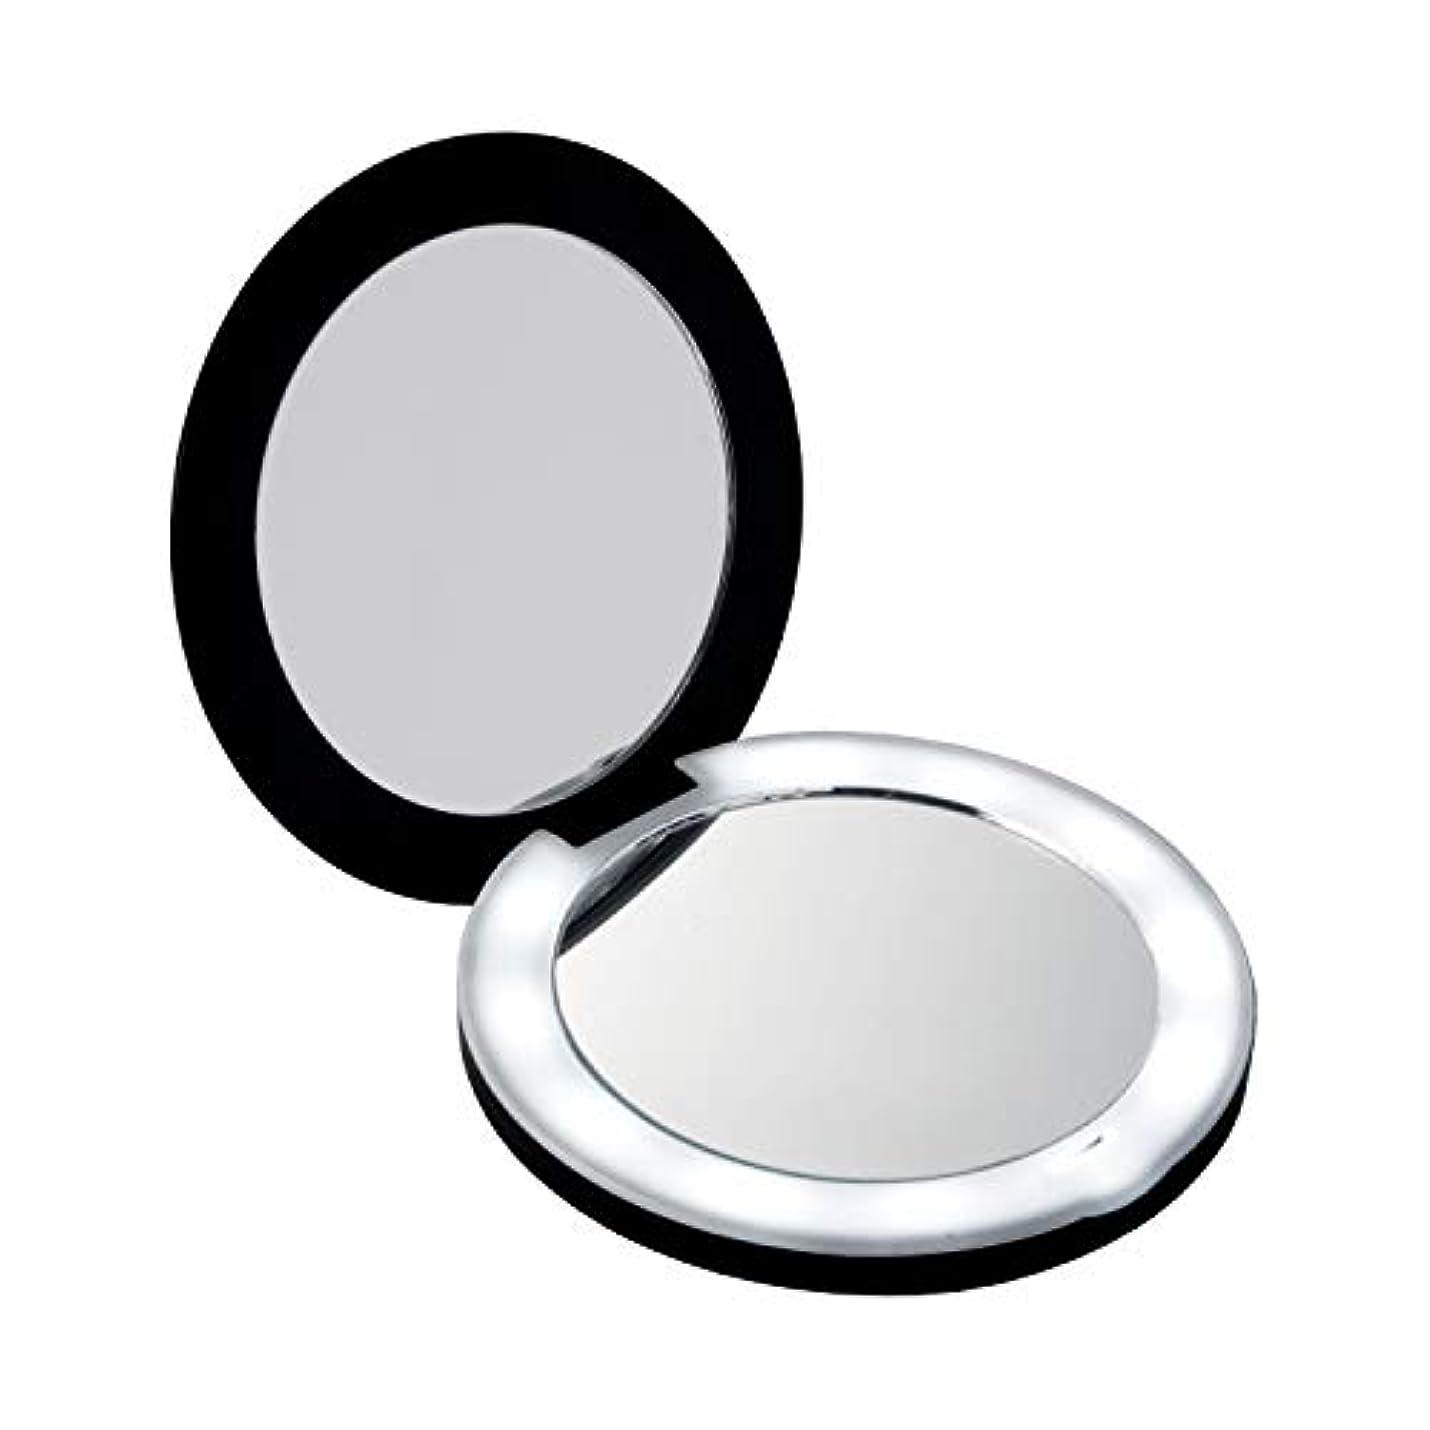 天使対立スリラーコモライフ 10倍拡大鏡コンパクト2面ミラー(ライト付) 約直径9×厚み1.5cm